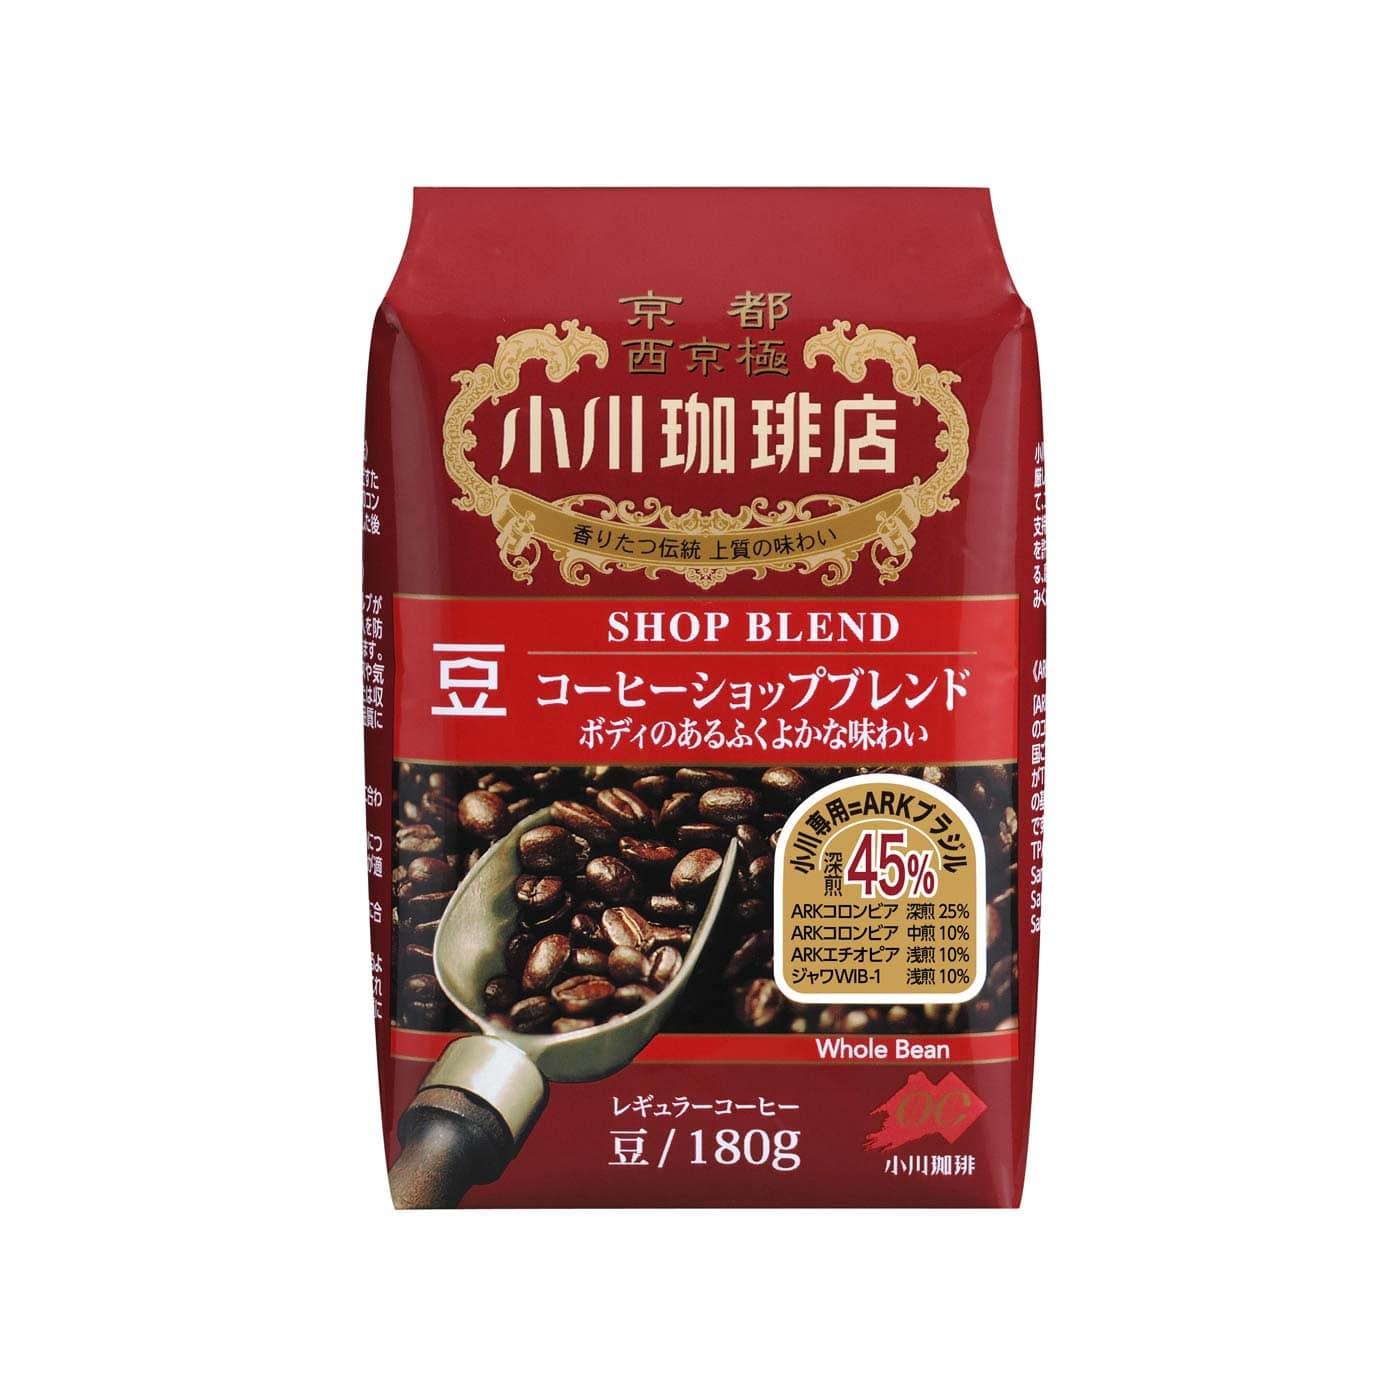 コーヒーショップブレンド(豆)<:V01227999028:>